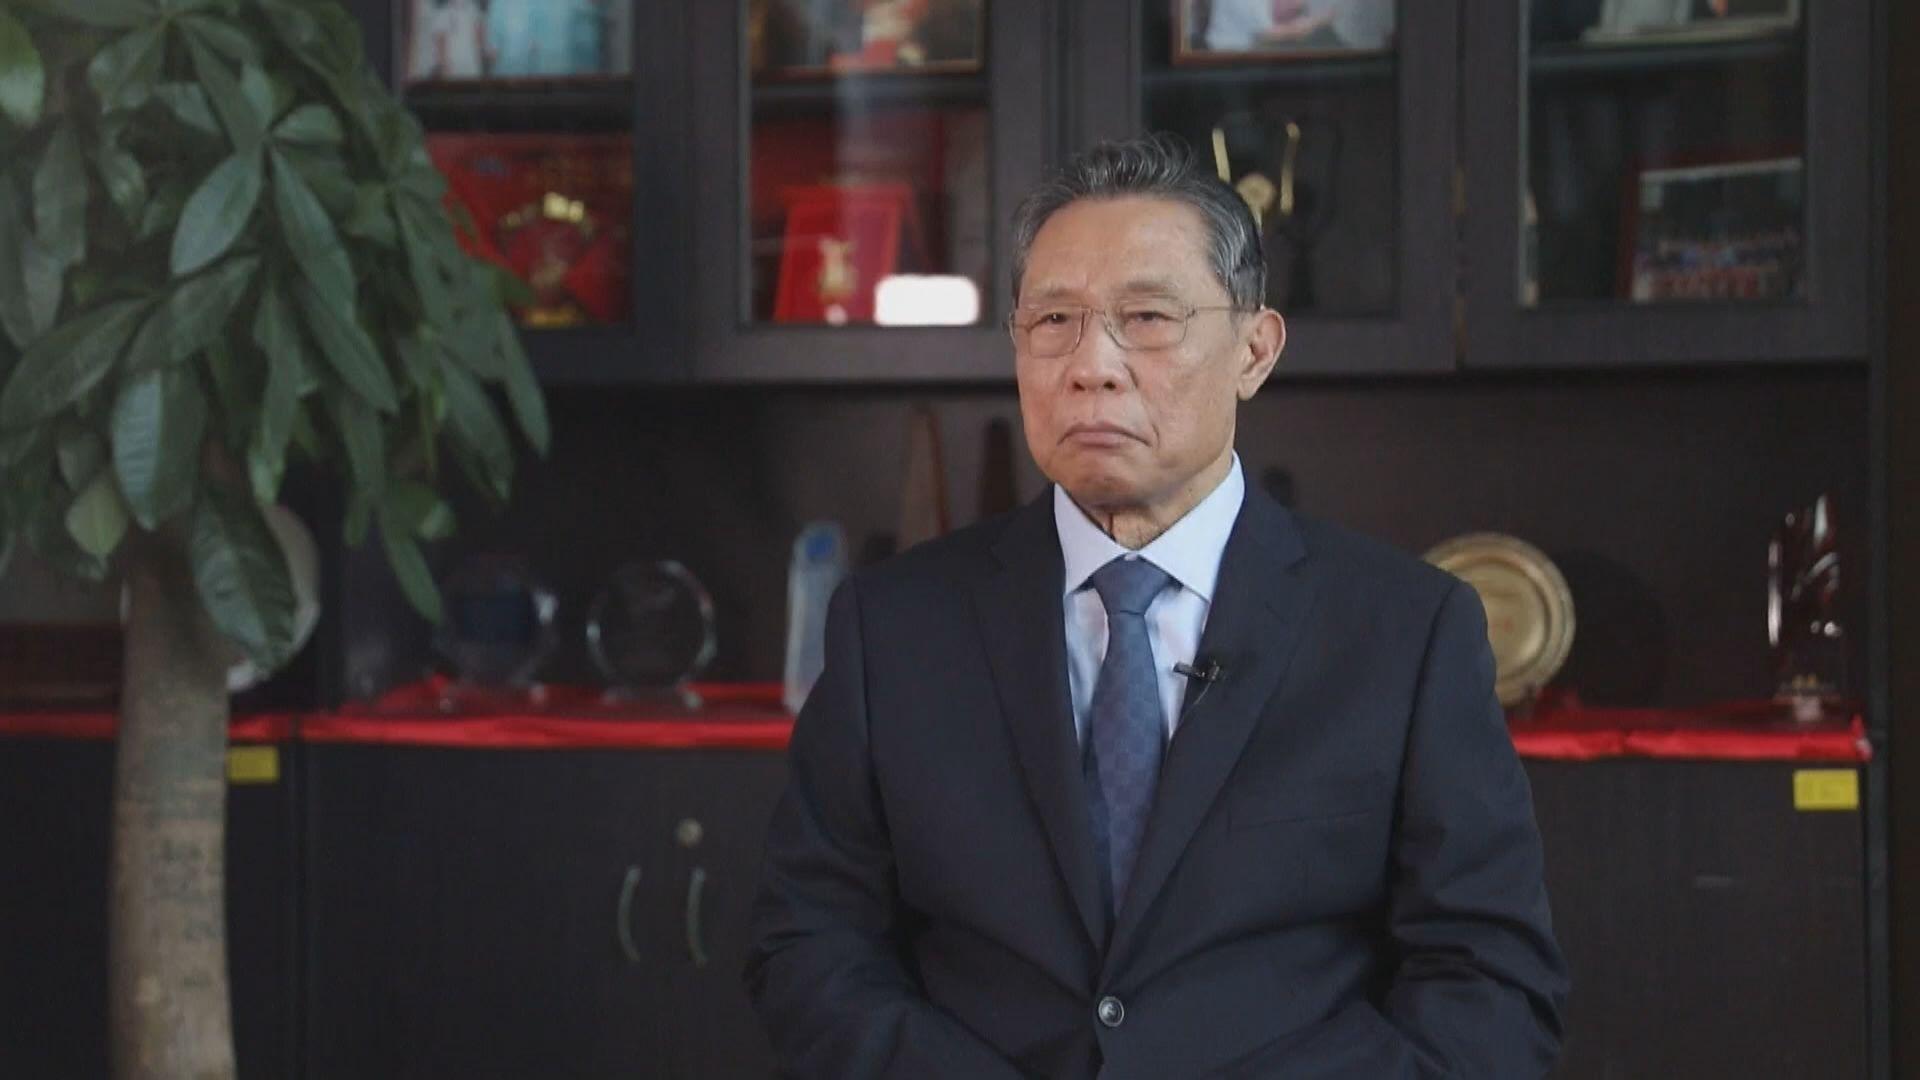 鍾南山:沒必要禁止國內元旦和農曆新年出行 惟不鼓勵民眾到國外